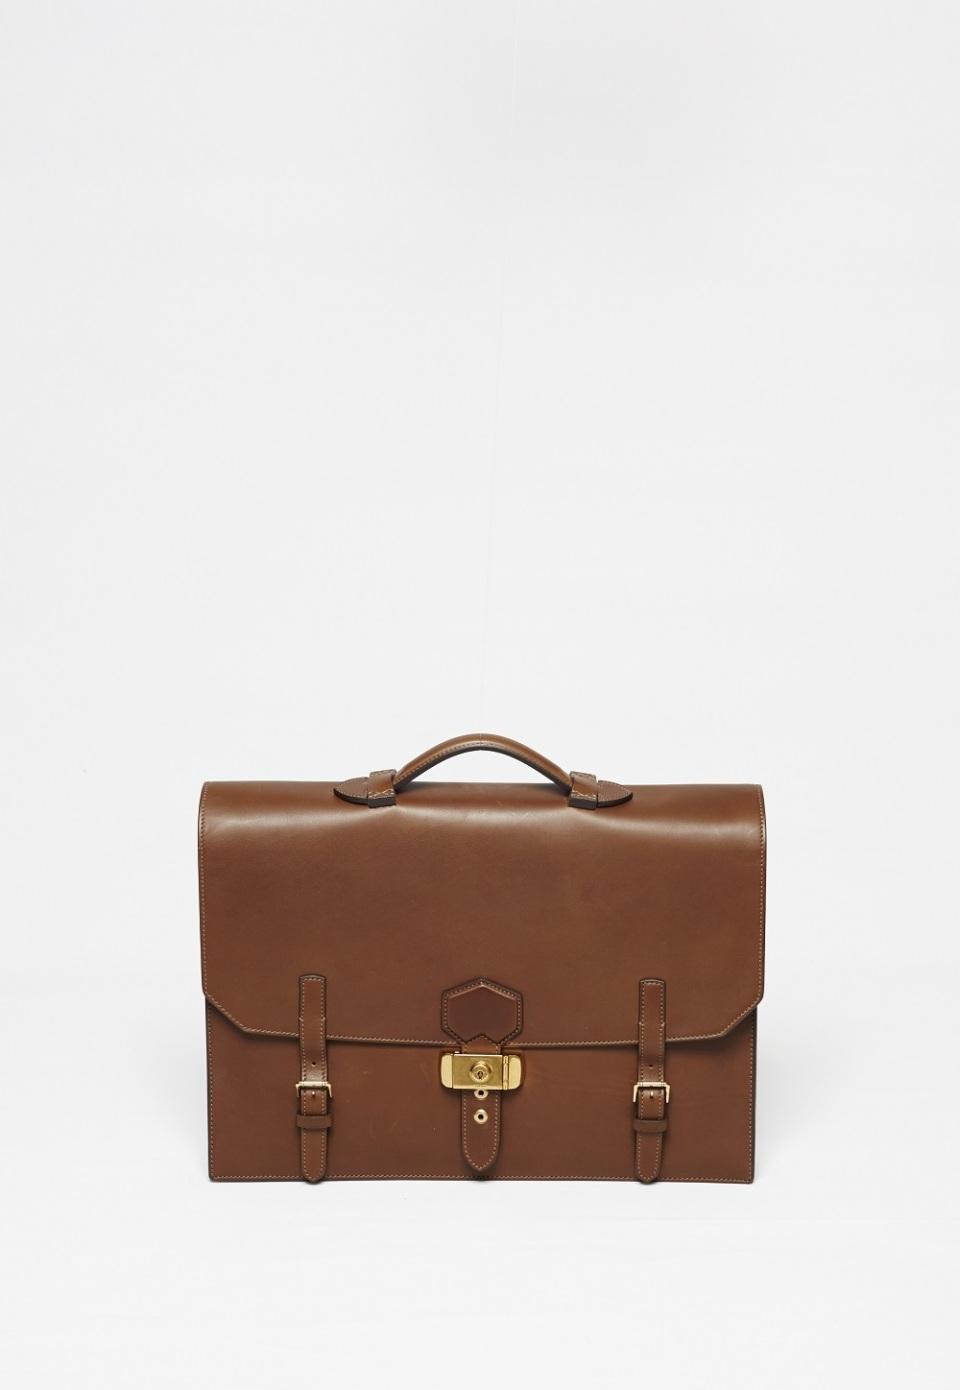 ダンヒルのビジネスバッグは、絶対の安心と信頼で男を次のステージへと導く 3番目の画像